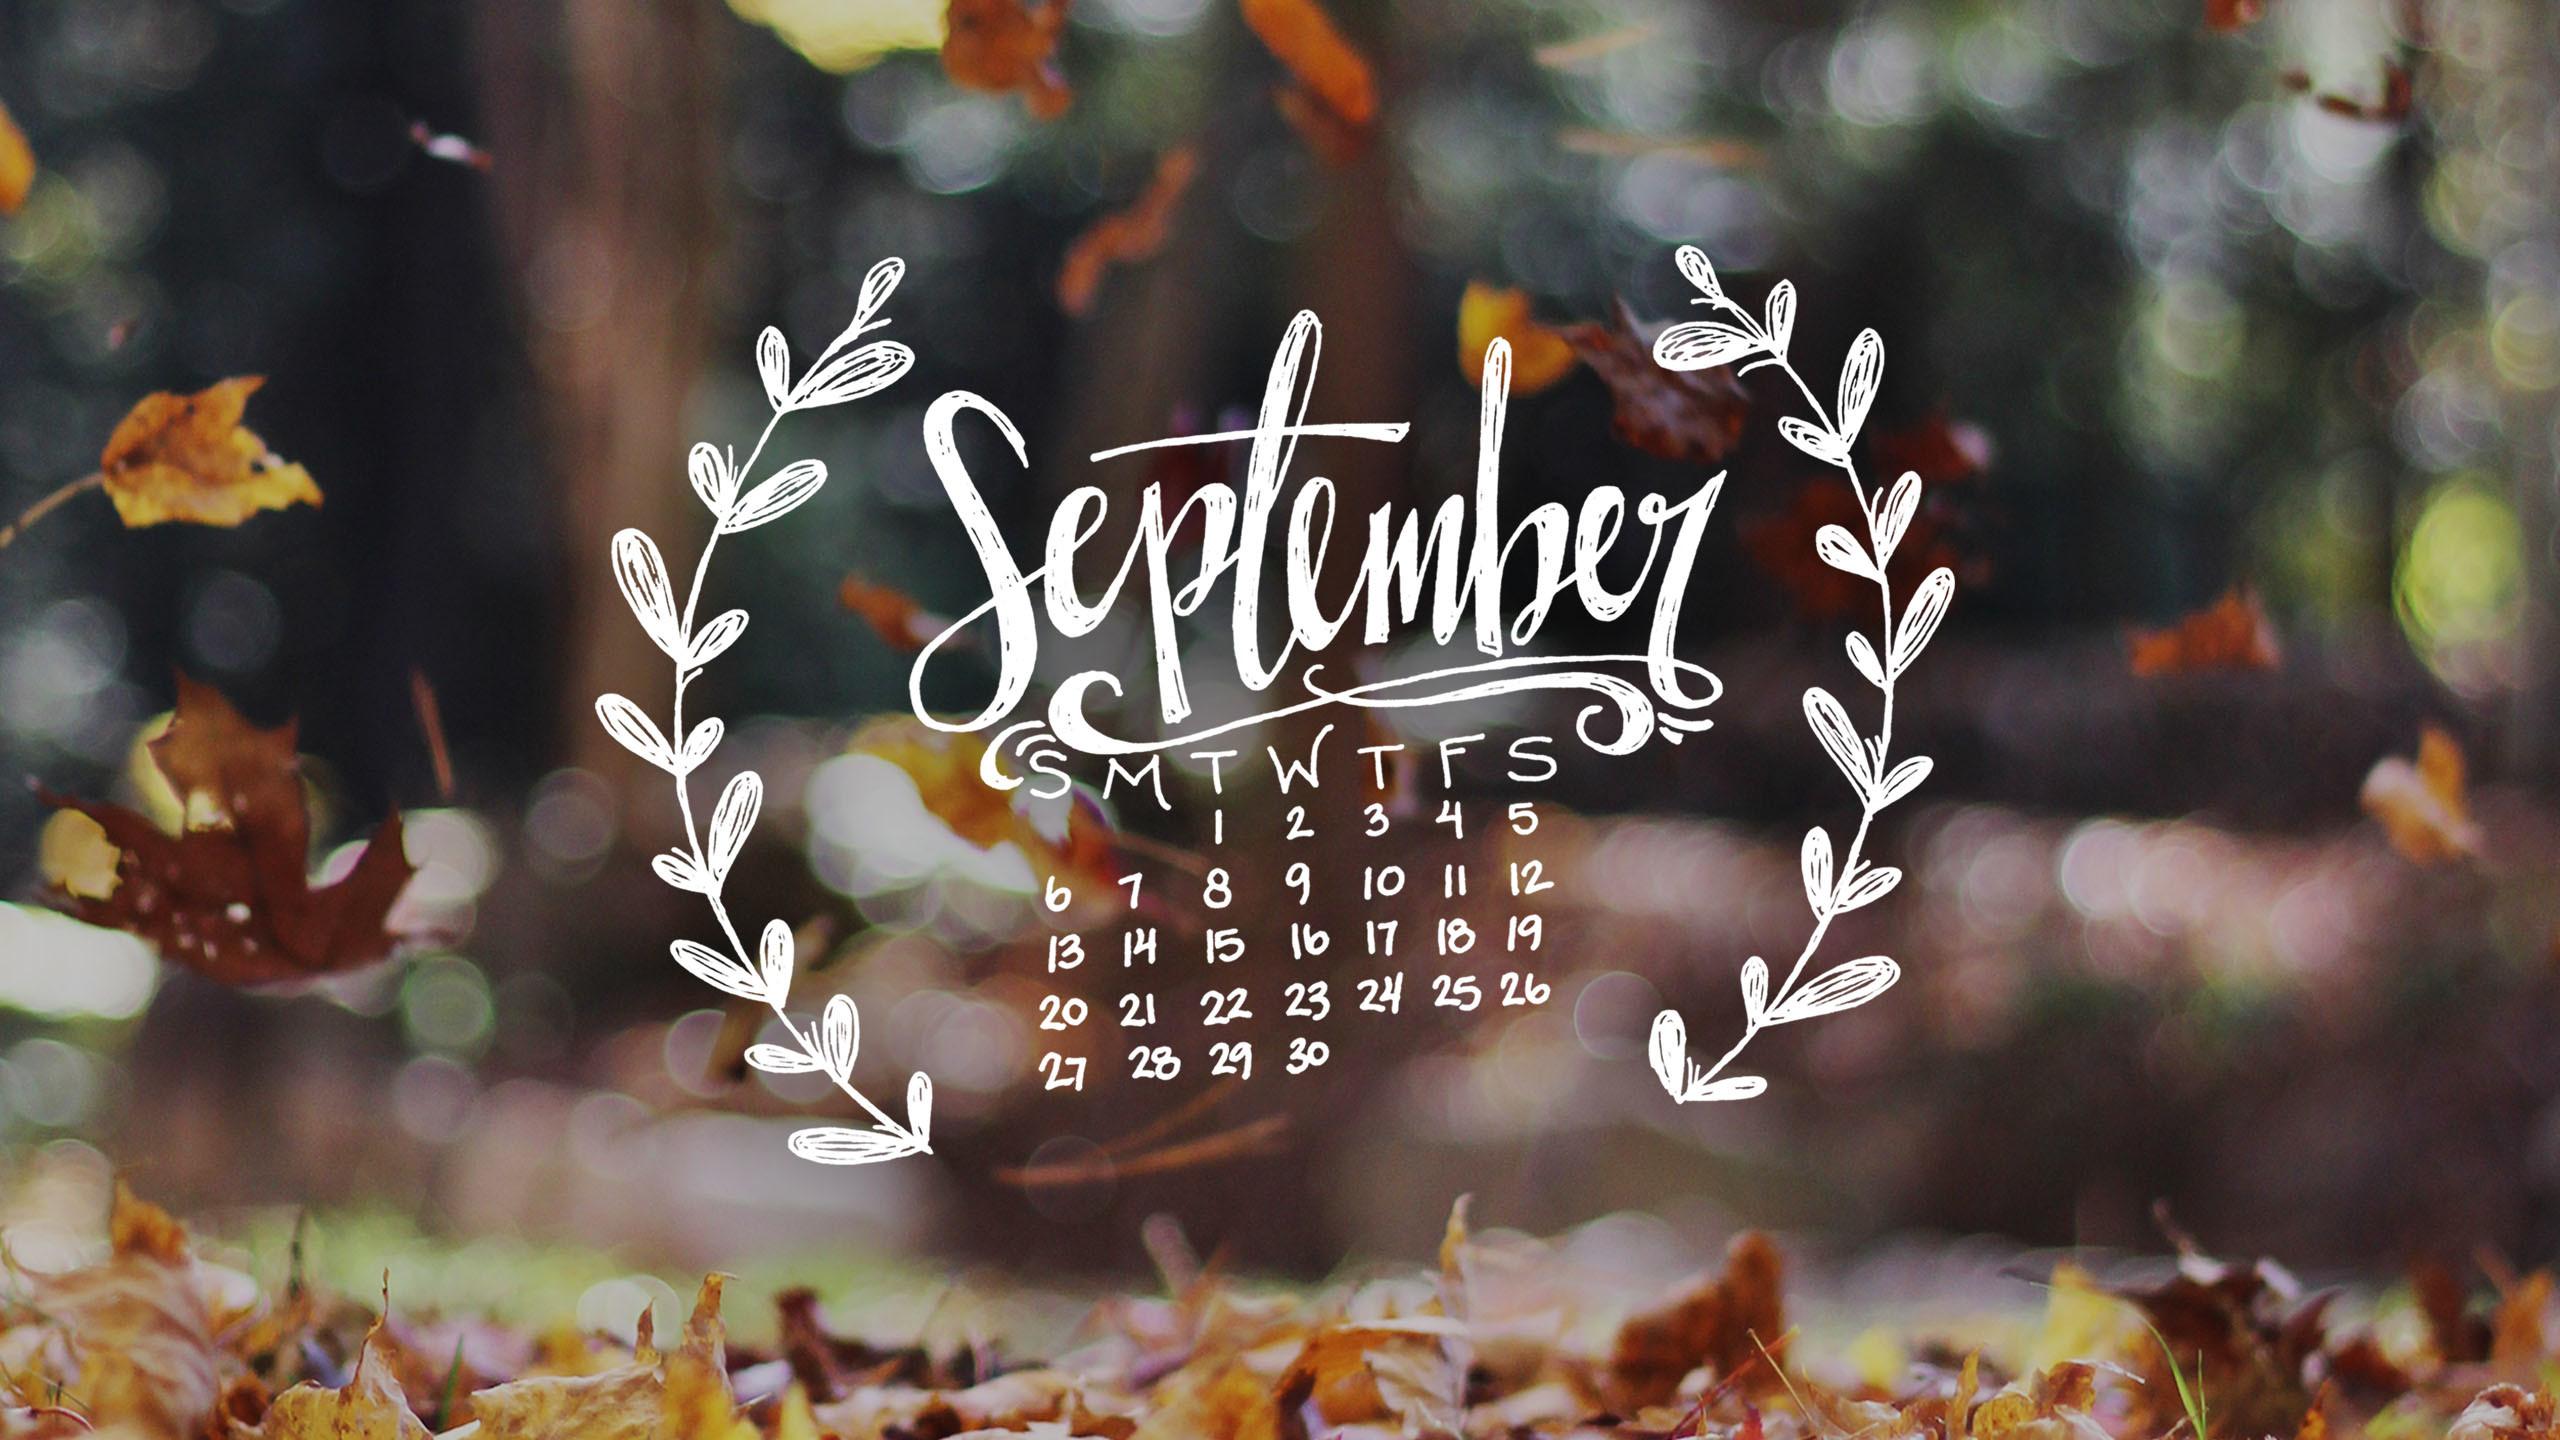 Картинка с надписью сентябрь